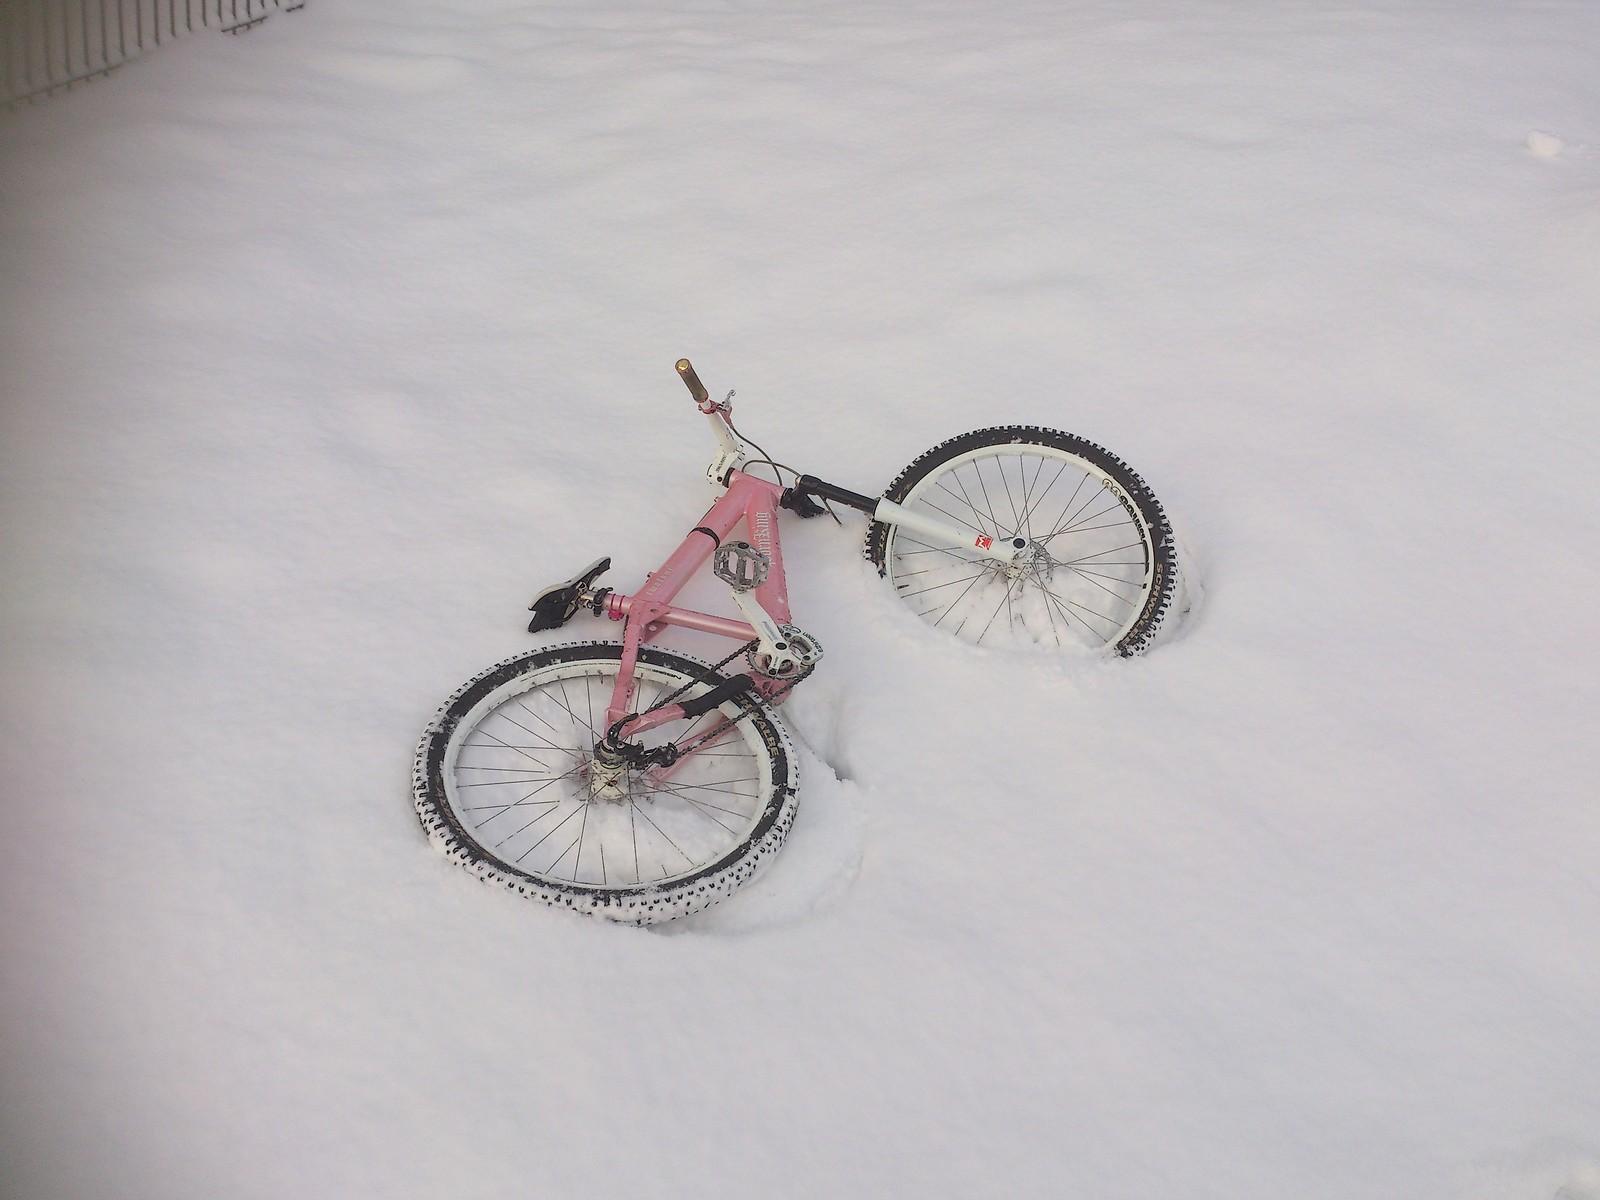 DSC 4909 - marcel.geel - Mountain Biking Pictures - Vital MTB